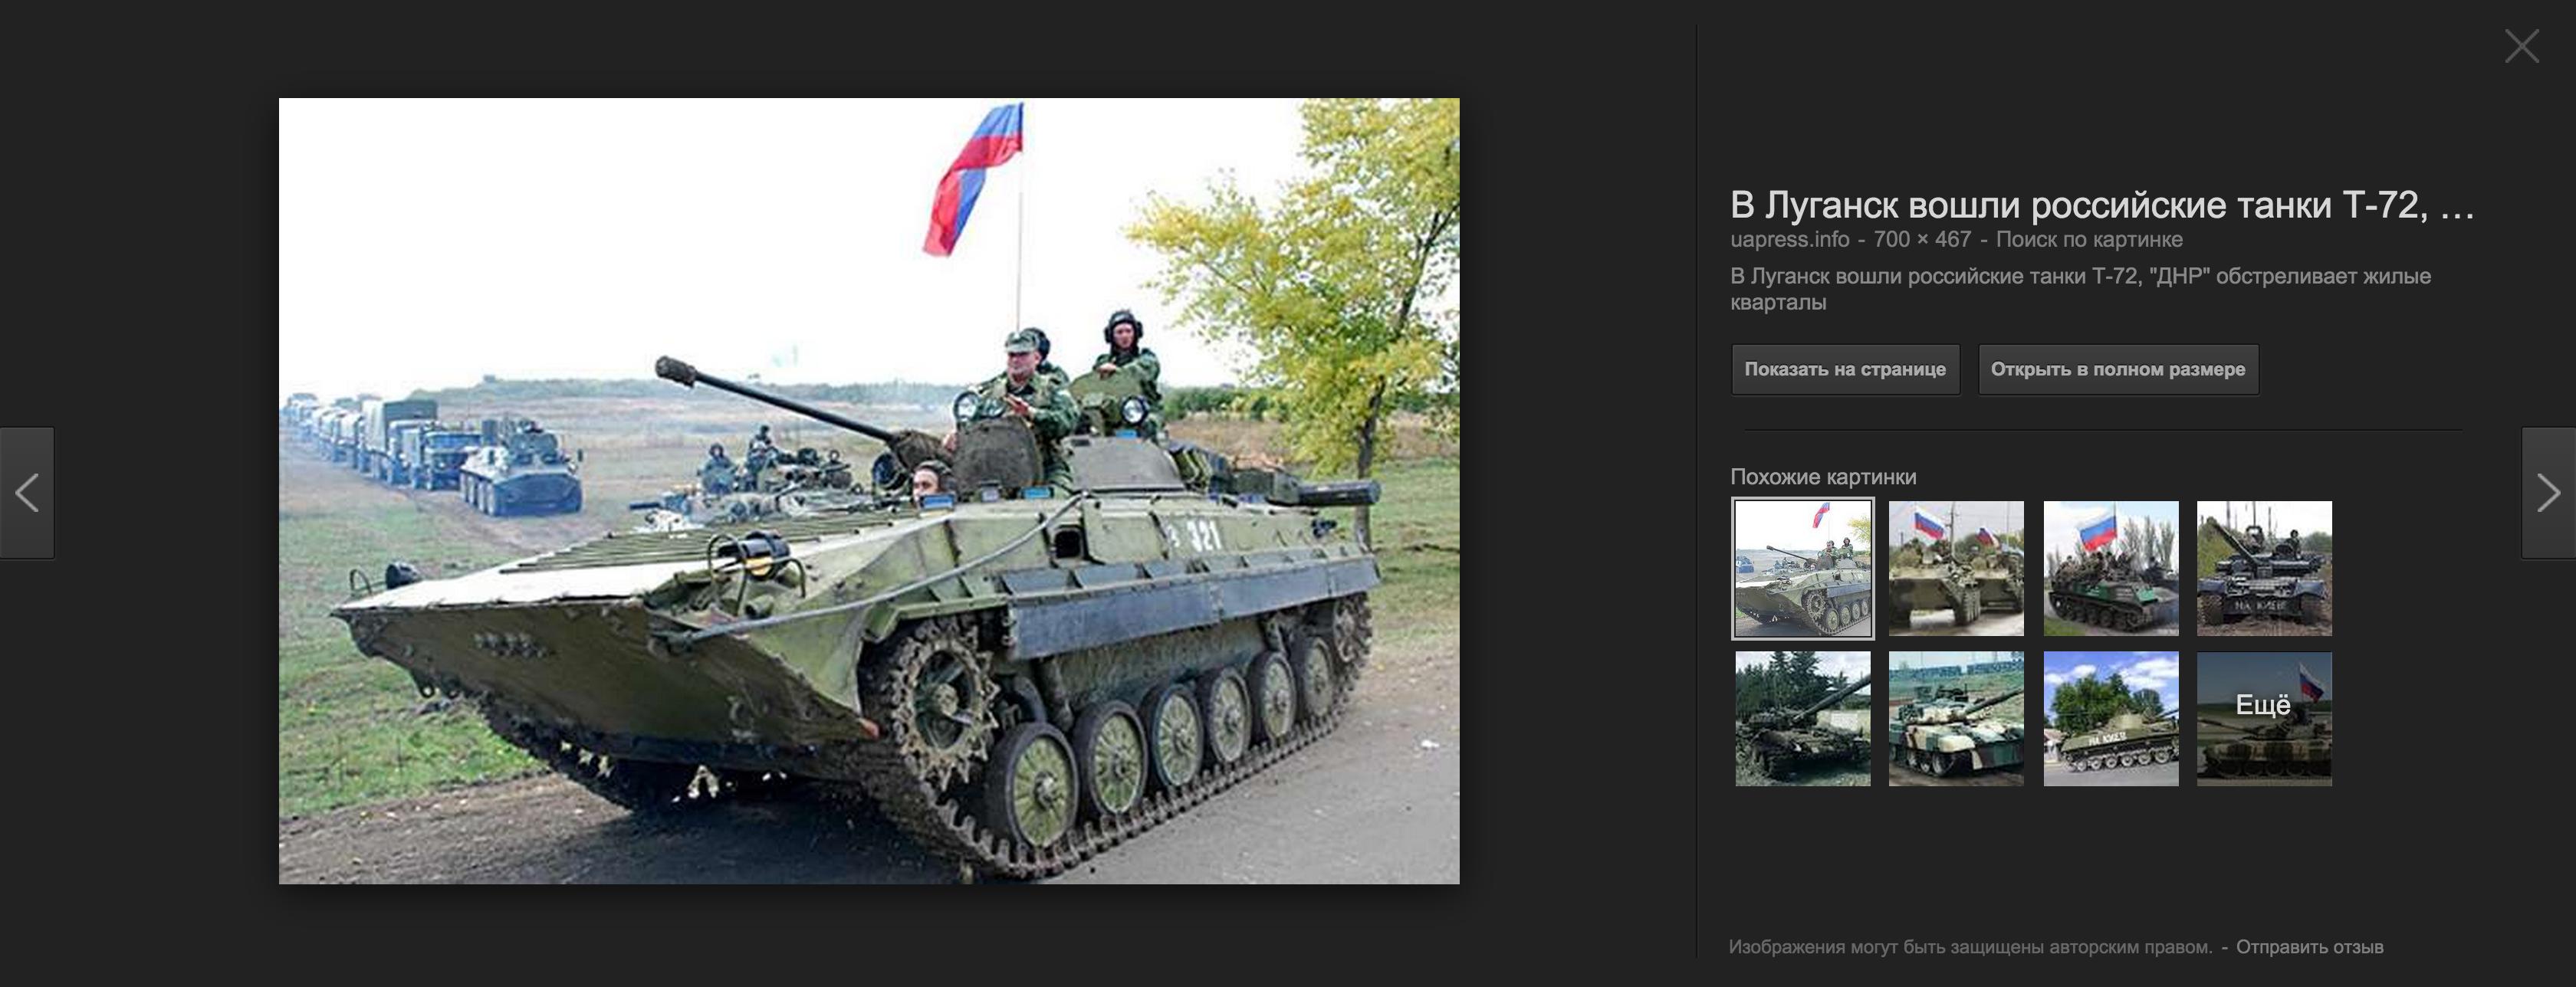 Как нам врут Украинские, Российские, Западные СМИ